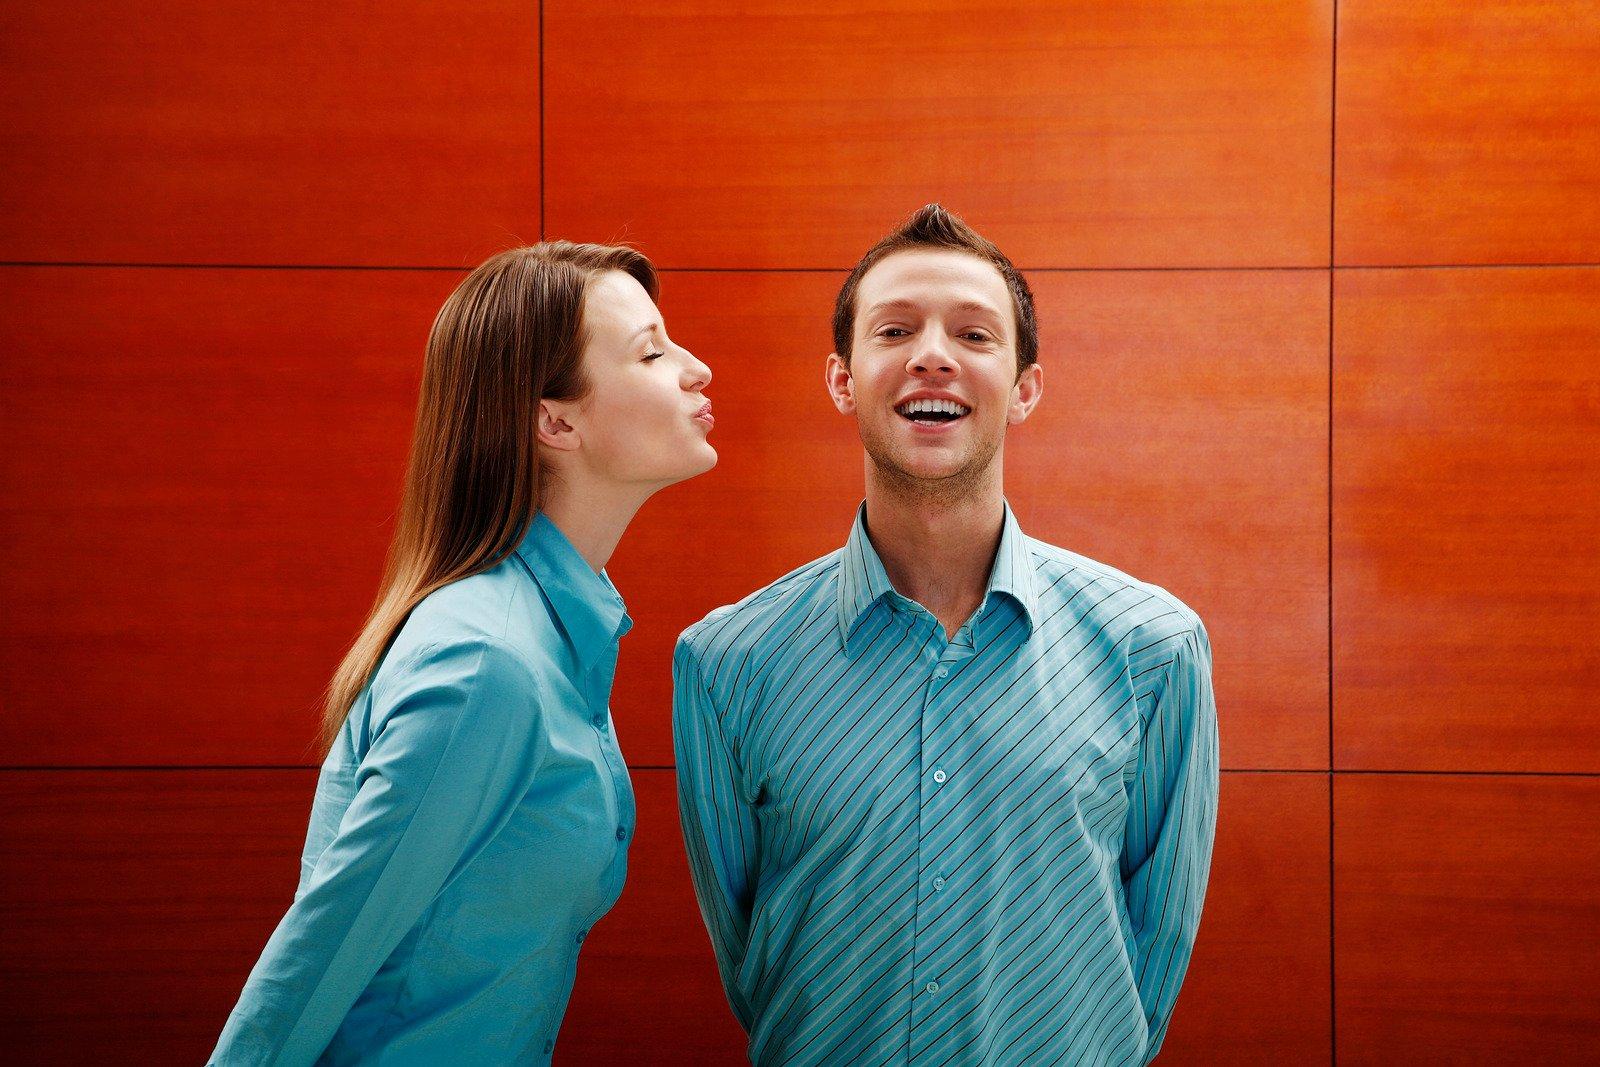 25 Frases Para Falar Para O Crush Faça Com Que Ele Te Note